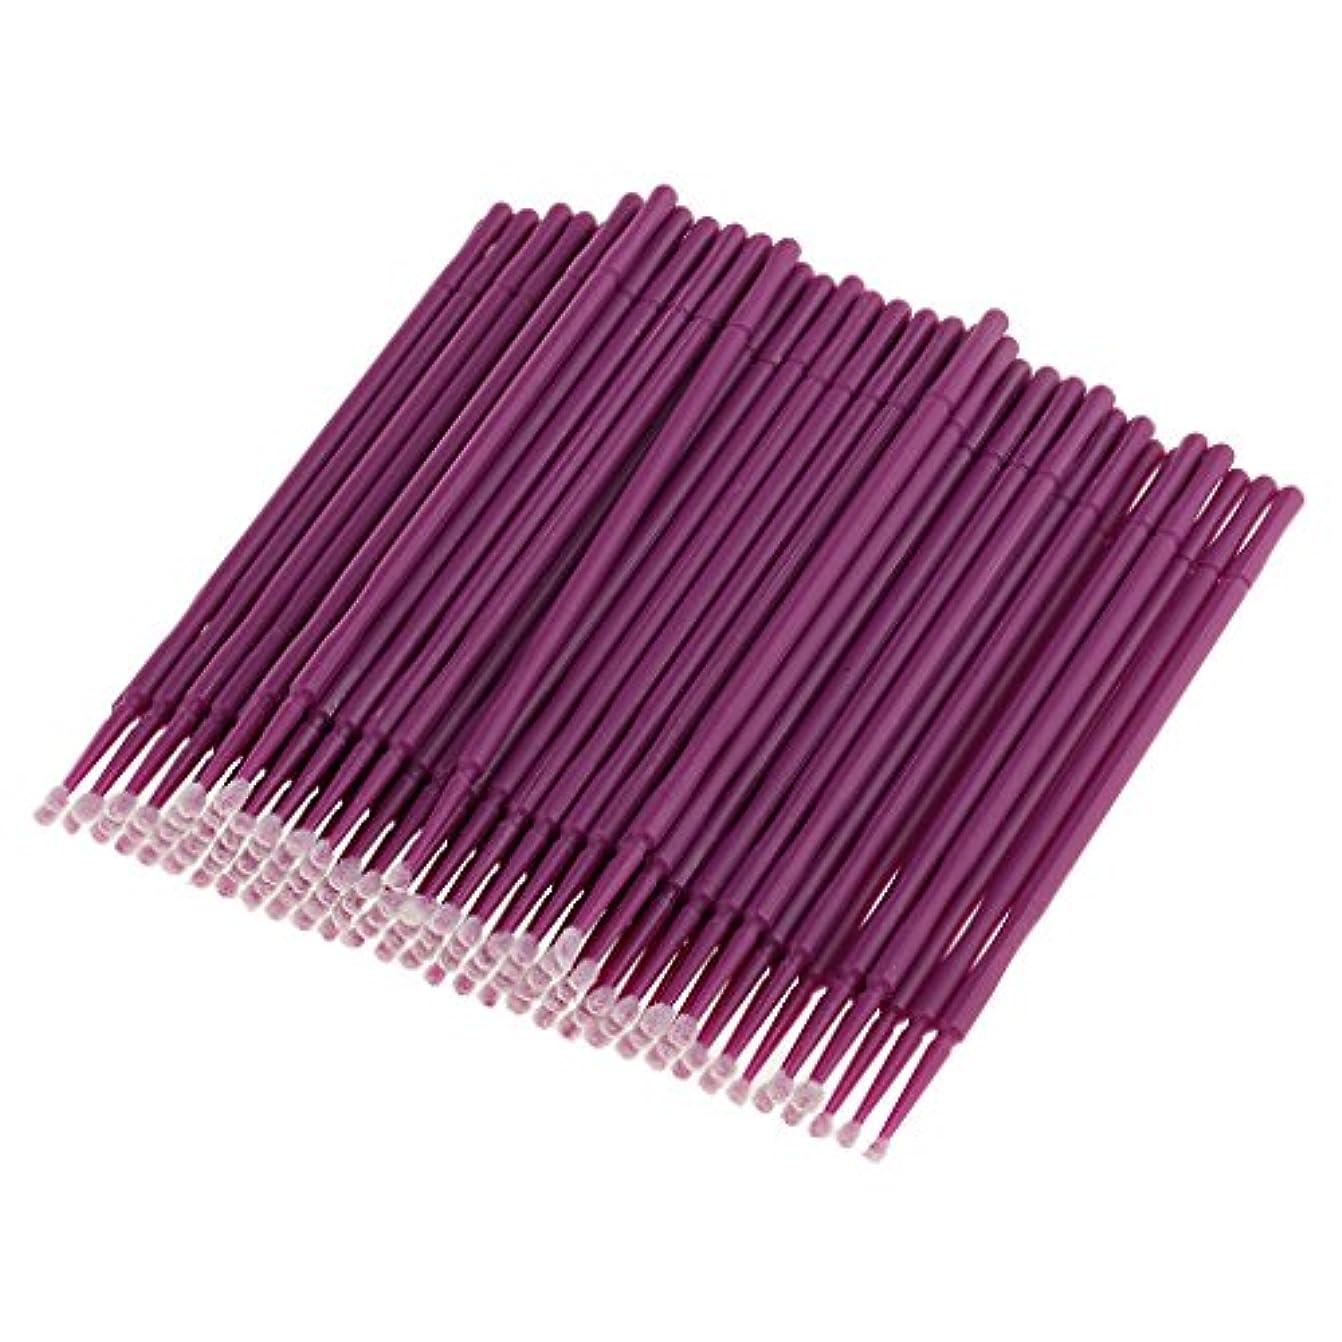 発症錆び教室Perfk 約100本 使い捨て まつげエステ 美容用具 マイクロブラシ アプリケーター ミニヒントタイプ マスカラ パープル